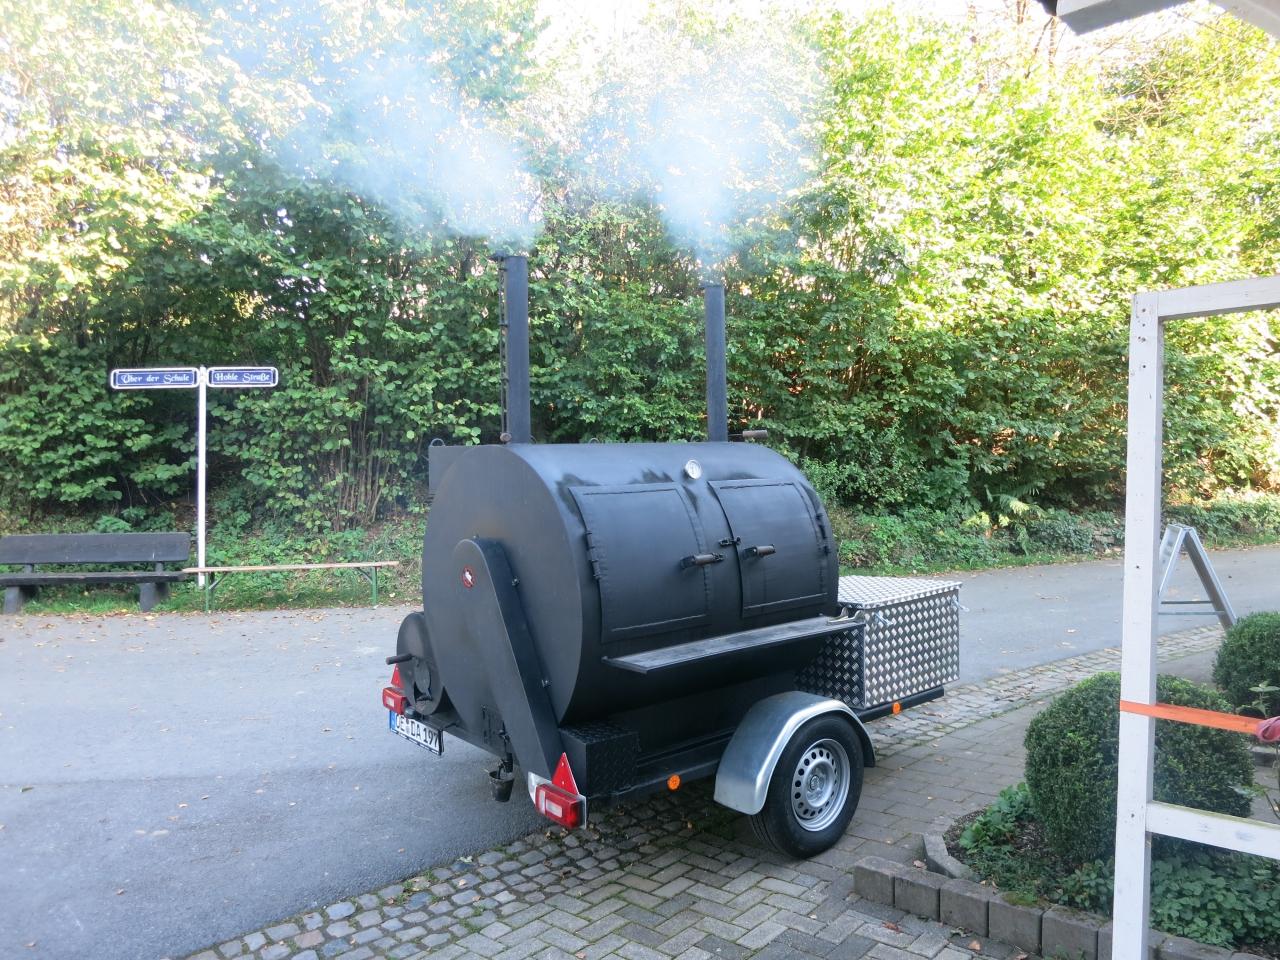 grill smoker event f r einen freund grillforum und bbq. Black Bedroom Furniture Sets. Home Design Ideas